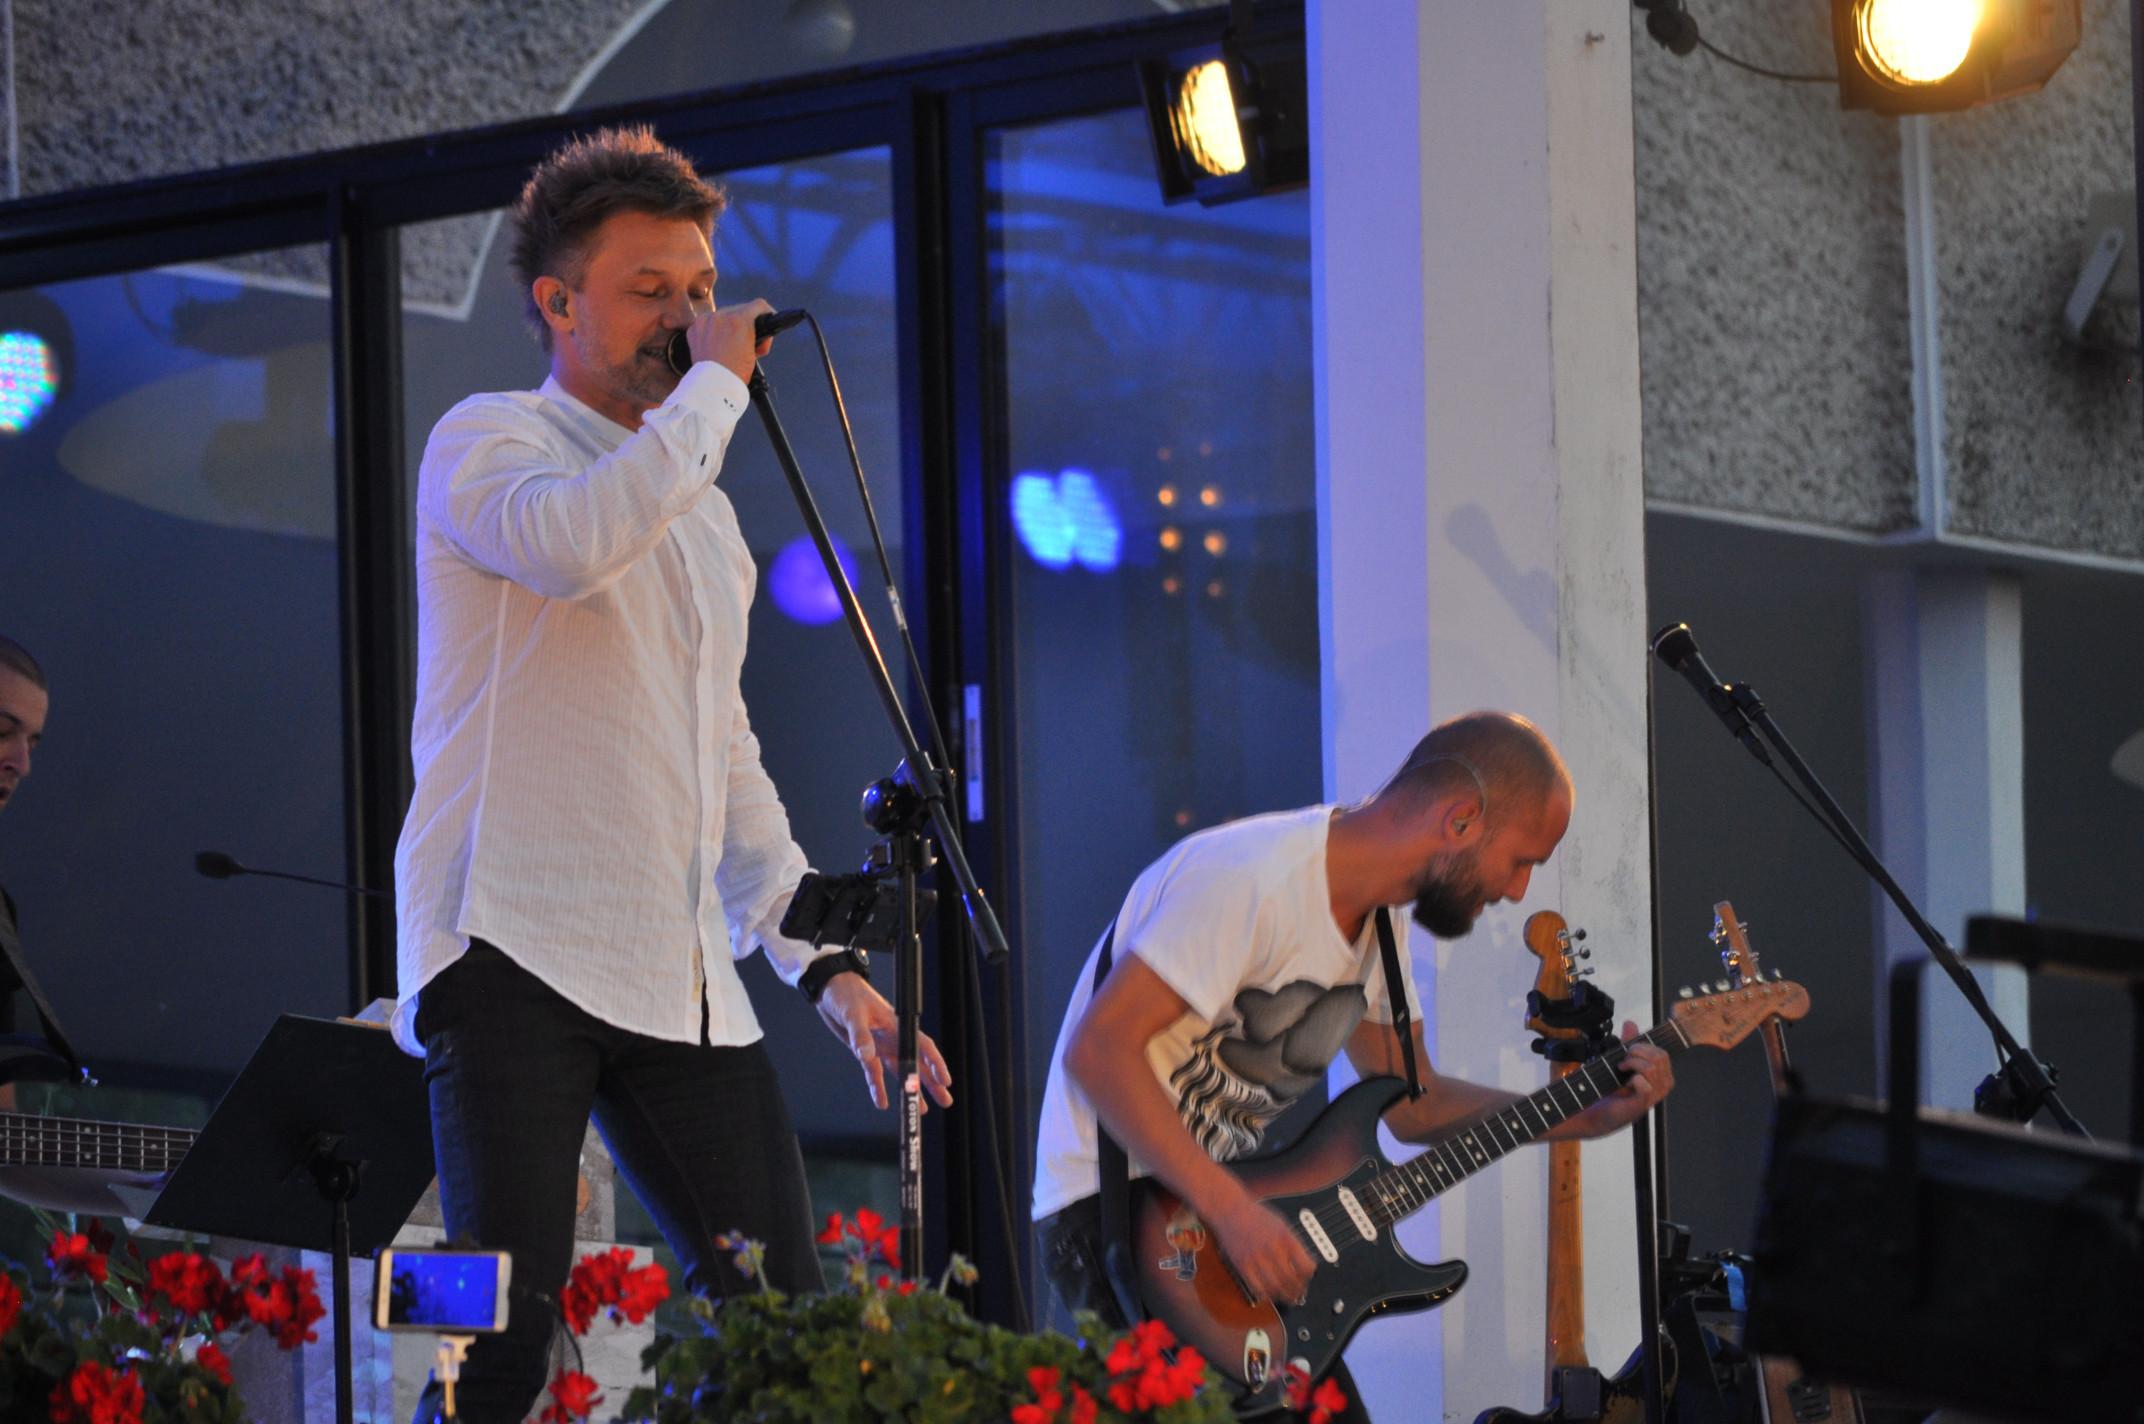 Gmina Cmolas. Na placu w Sanktuarium Przemienienia Pańskiego, 5 sierpnia odbył się koncert Grzegorza Wilka. Zobaczcie zdjęcia i filmik z występu - Zdjęcie główne